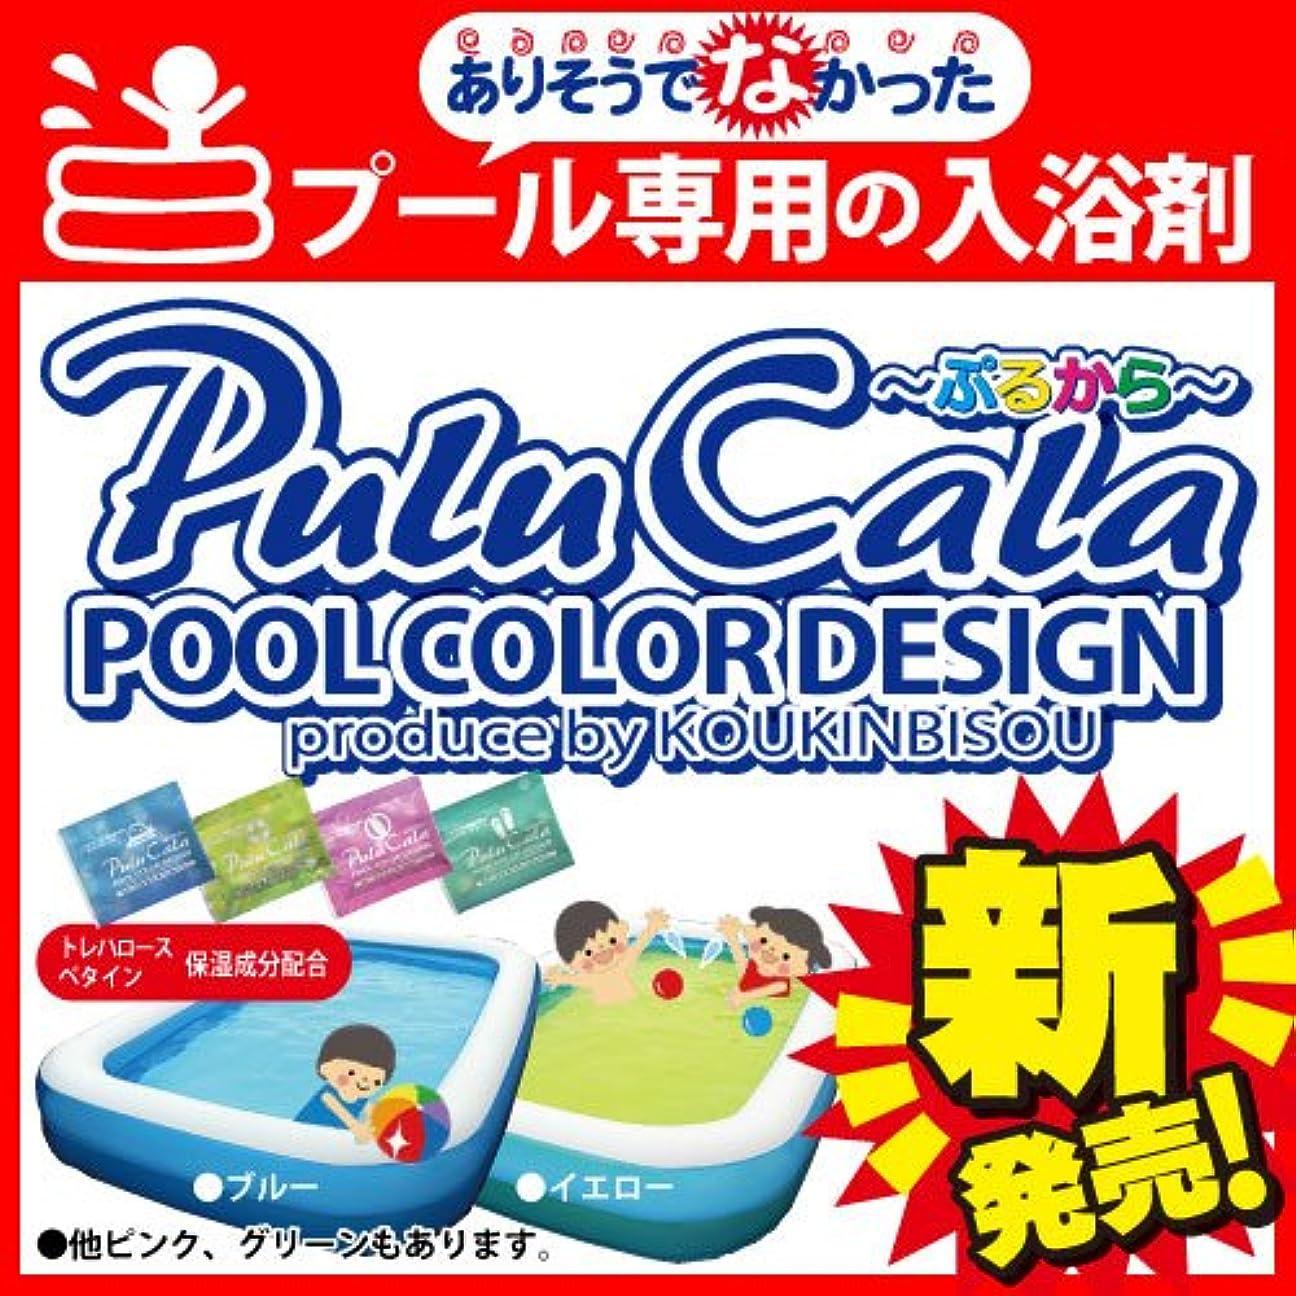 責めるなしで反論【プール専用入浴剤】ぷるから グリーン10回分セット(25g×10) 目や口に入っても大丈夫!